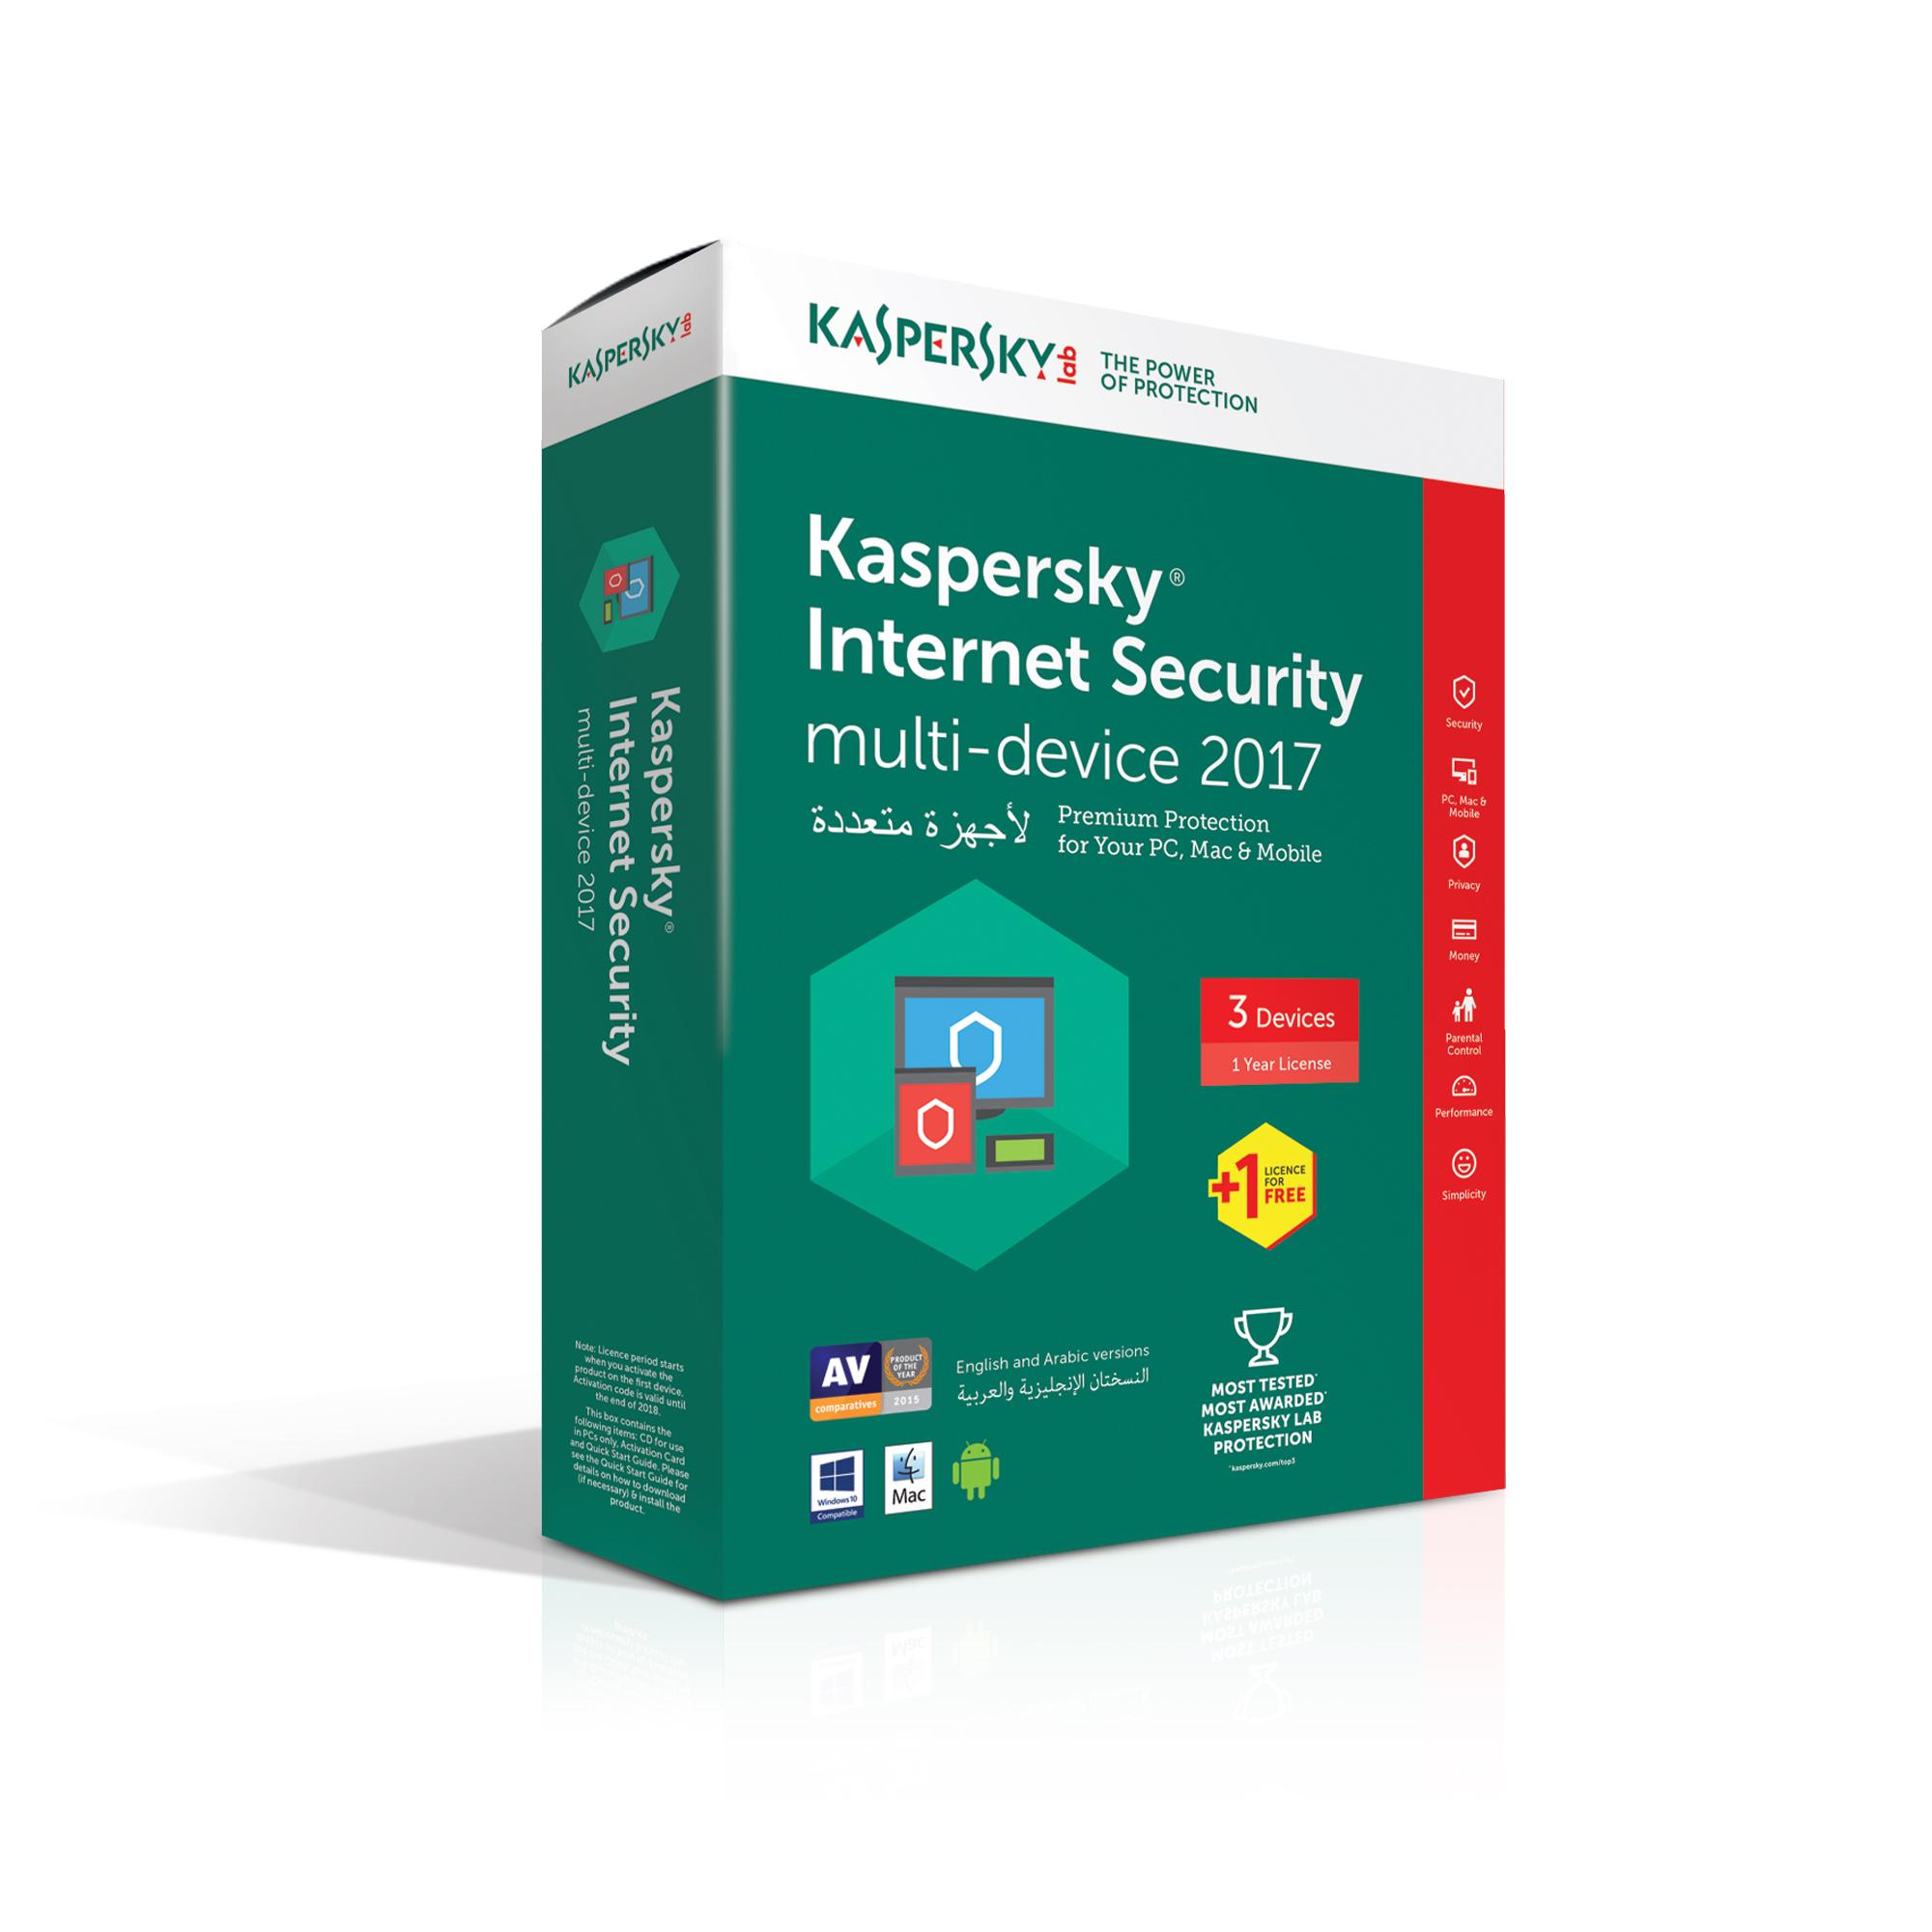 KASPERSKY SOFTWARE / INTERNET SECURITY MD 2017 3+1 USER (KIS4PCRT2017)